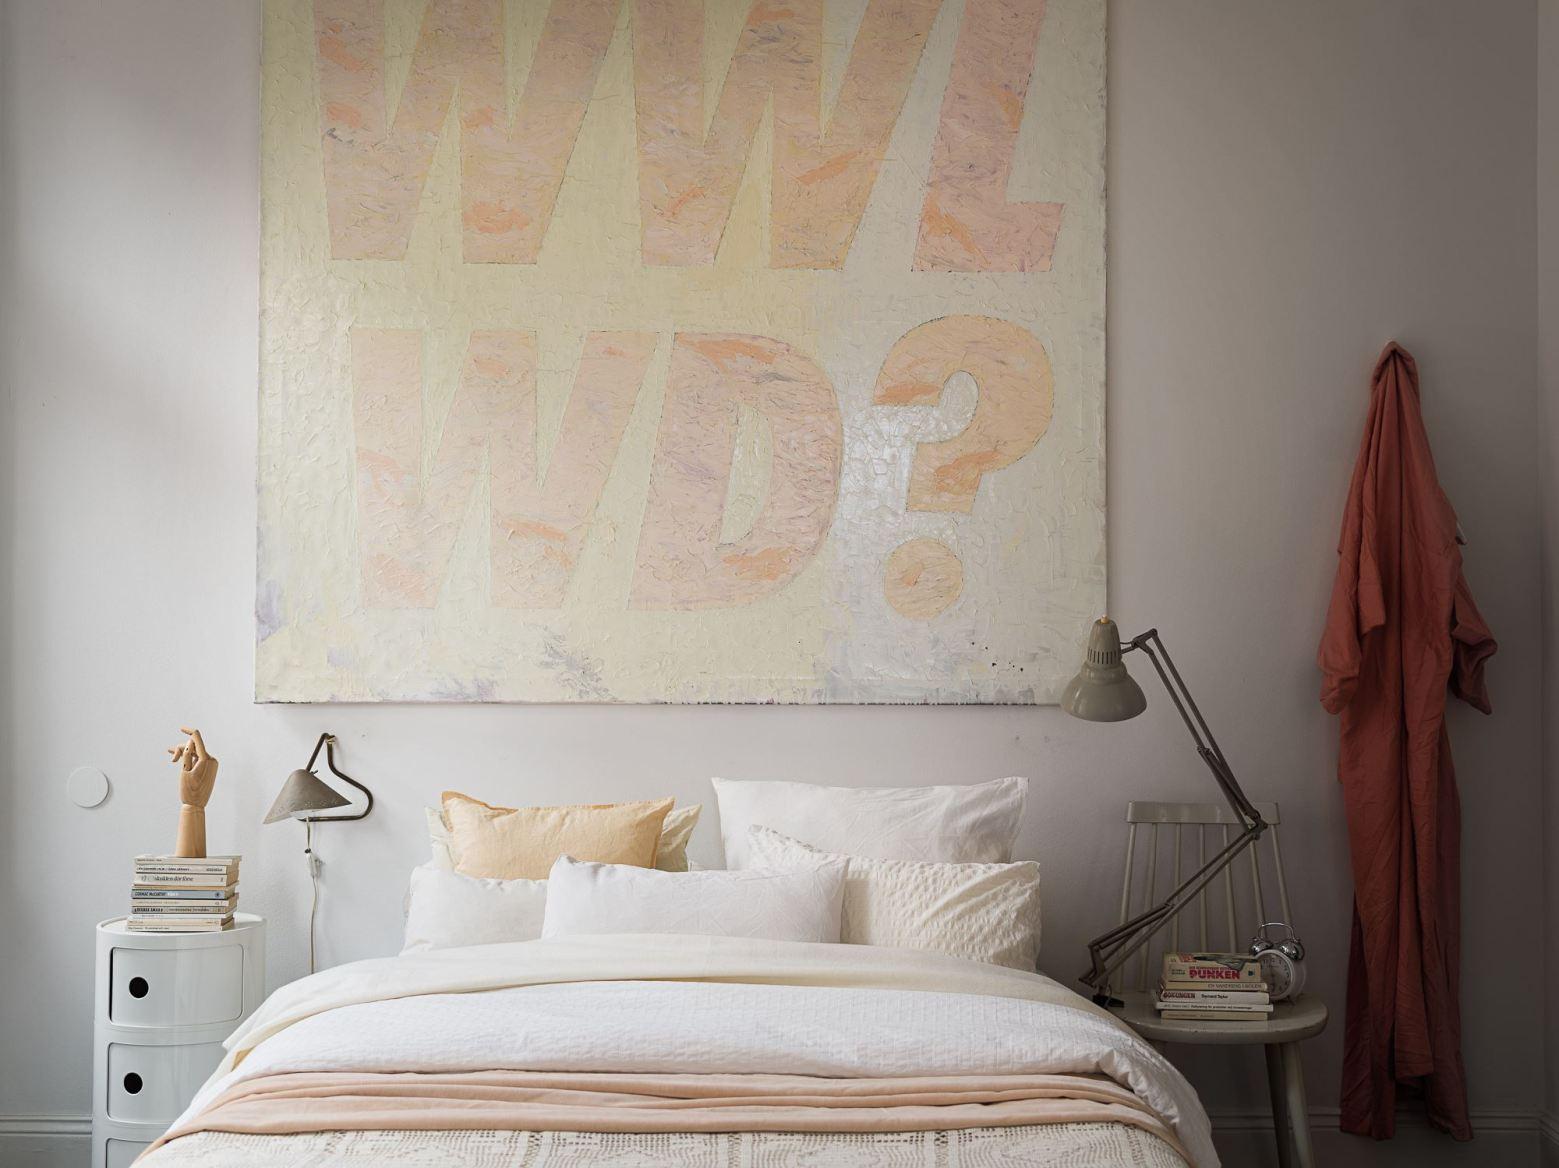 квартира 59 квм спальня кровать картина